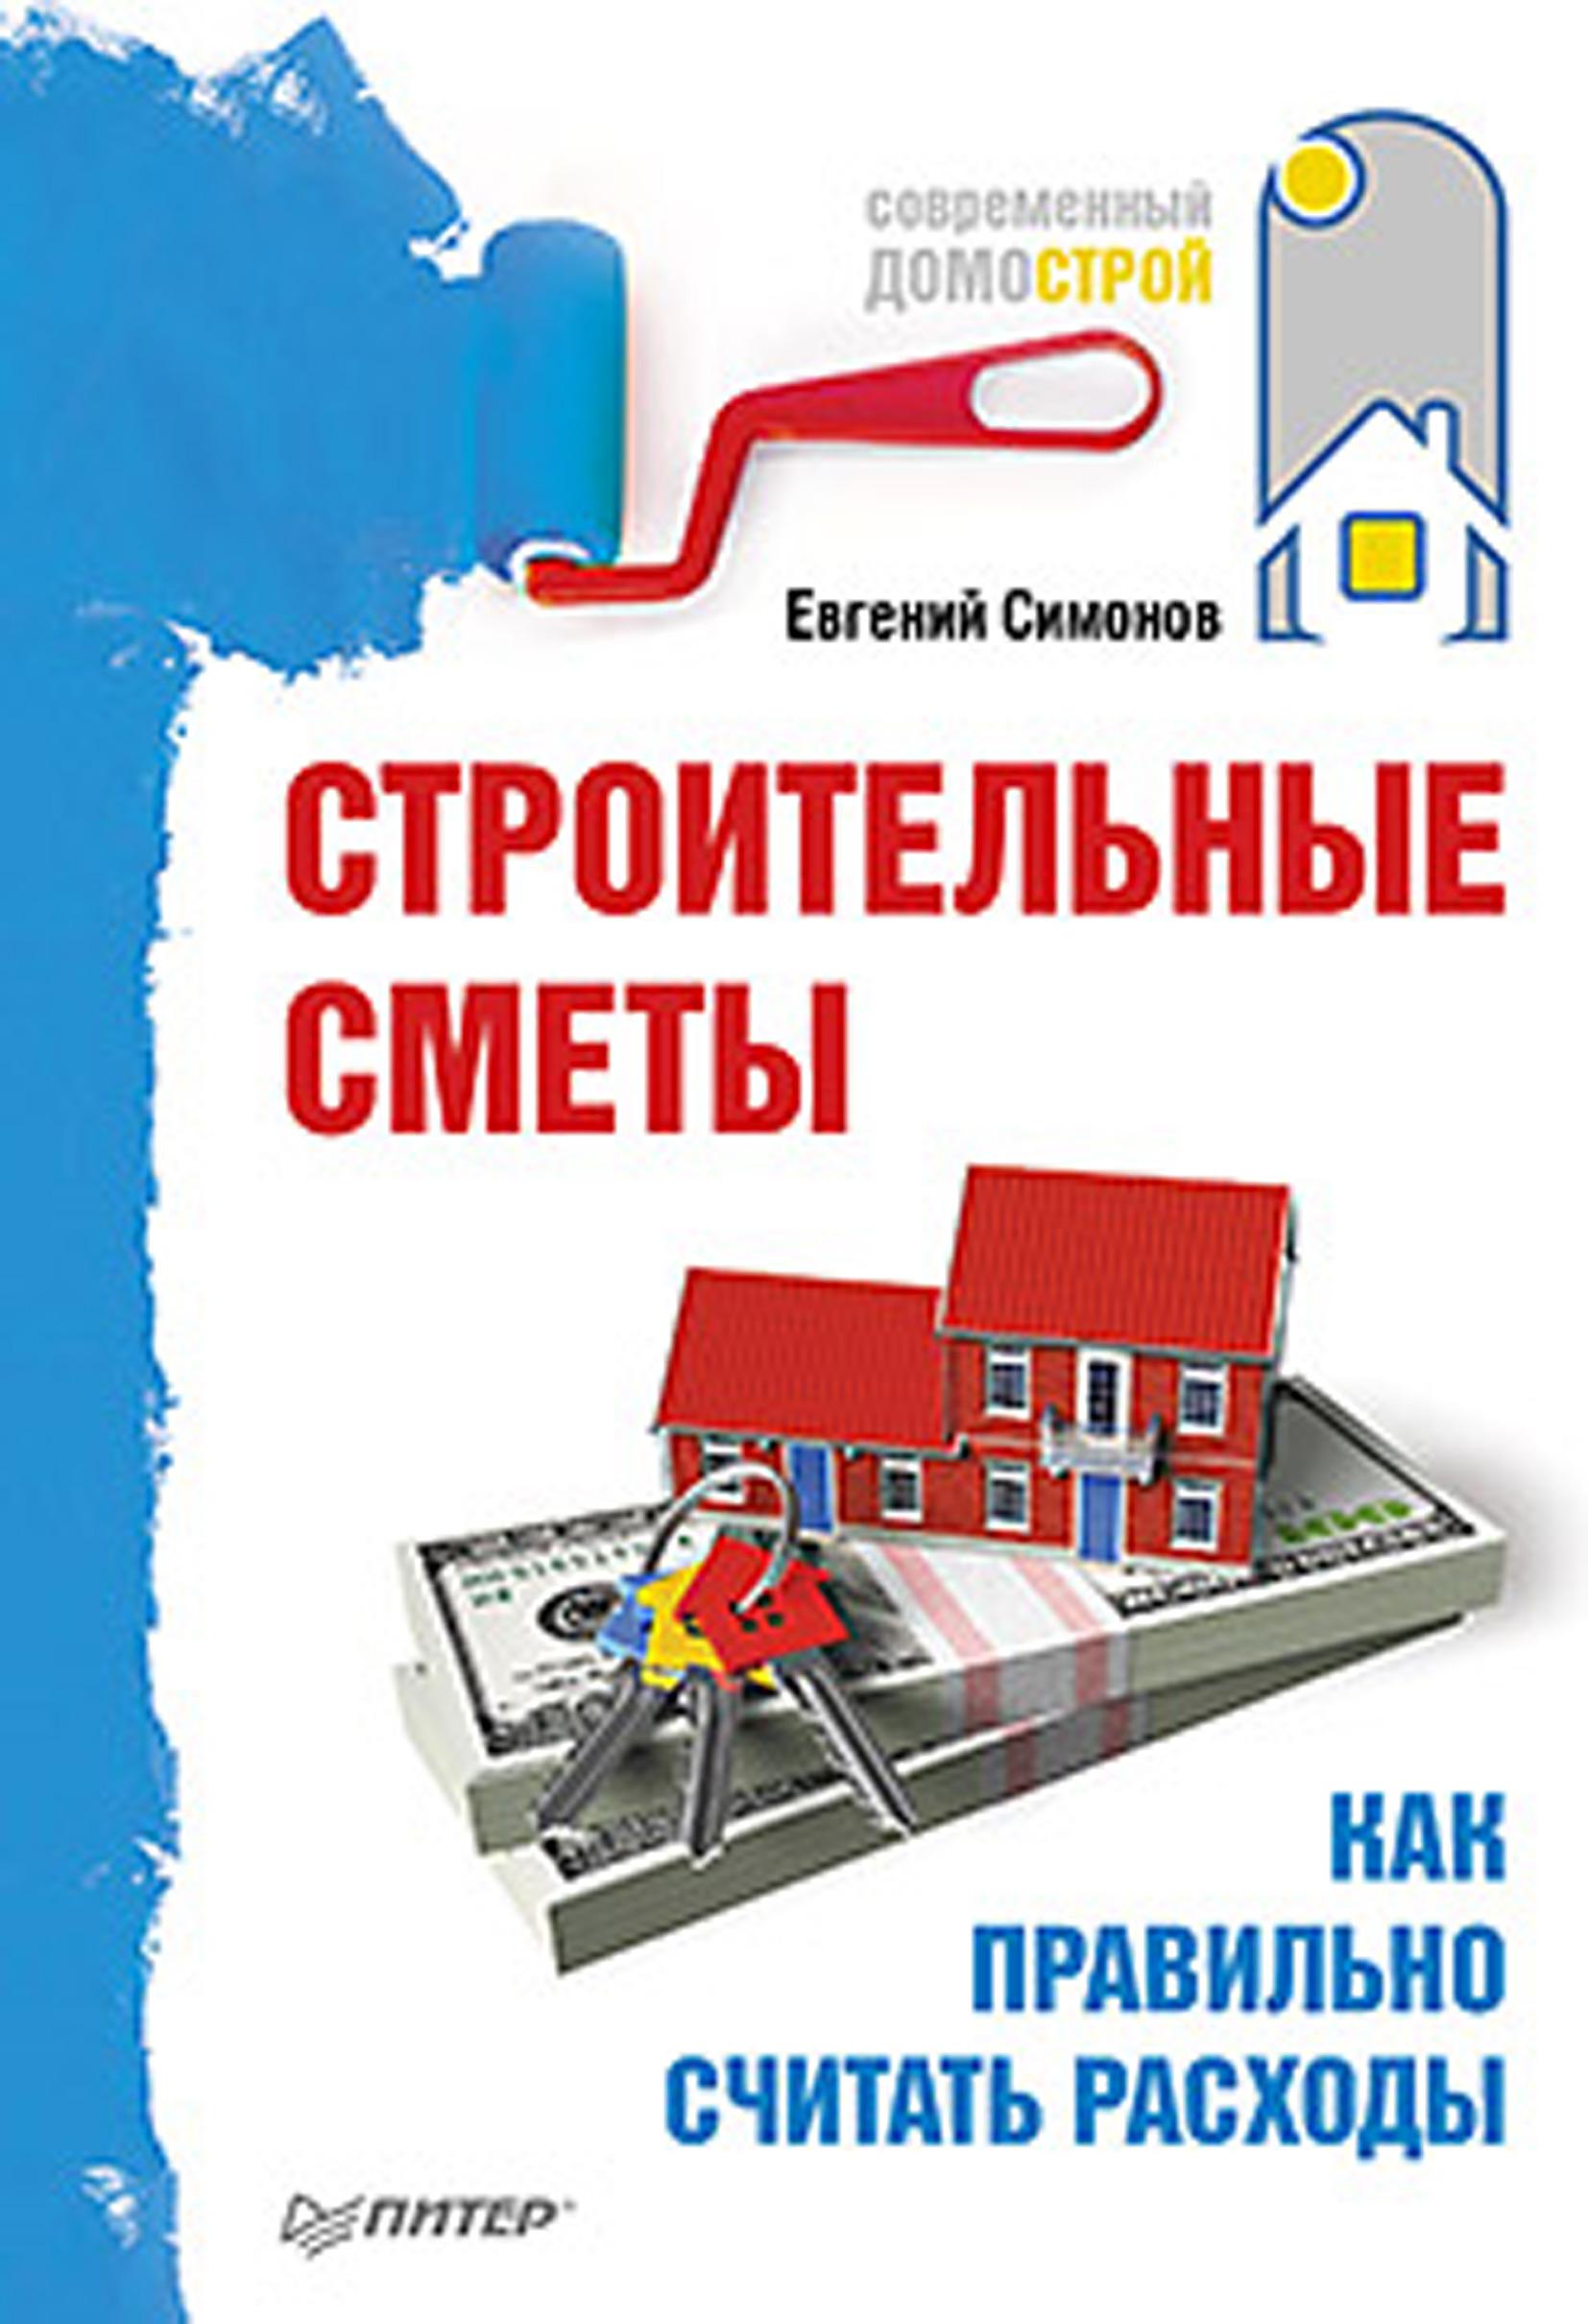 Евгений Симонов Строительные сметы. Как правильно считать расходы